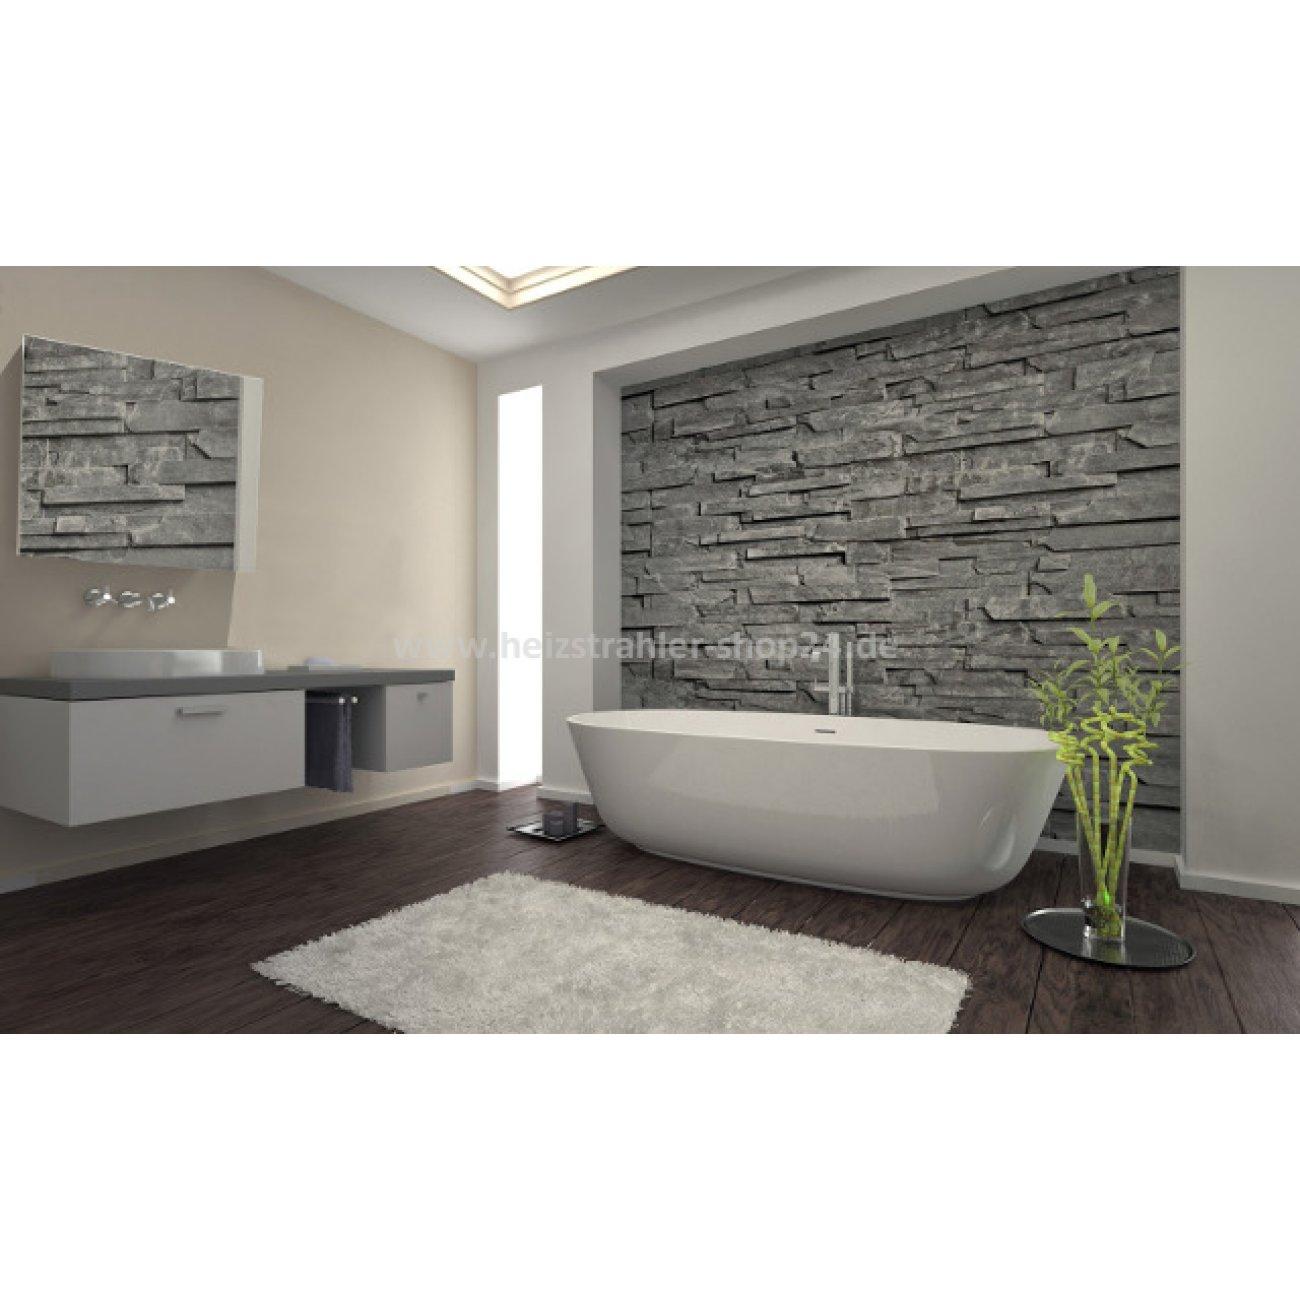 infrarot spiegelheizung mit rahmen von burda. Black Bedroom Furniture Sets. Home Design Ideas